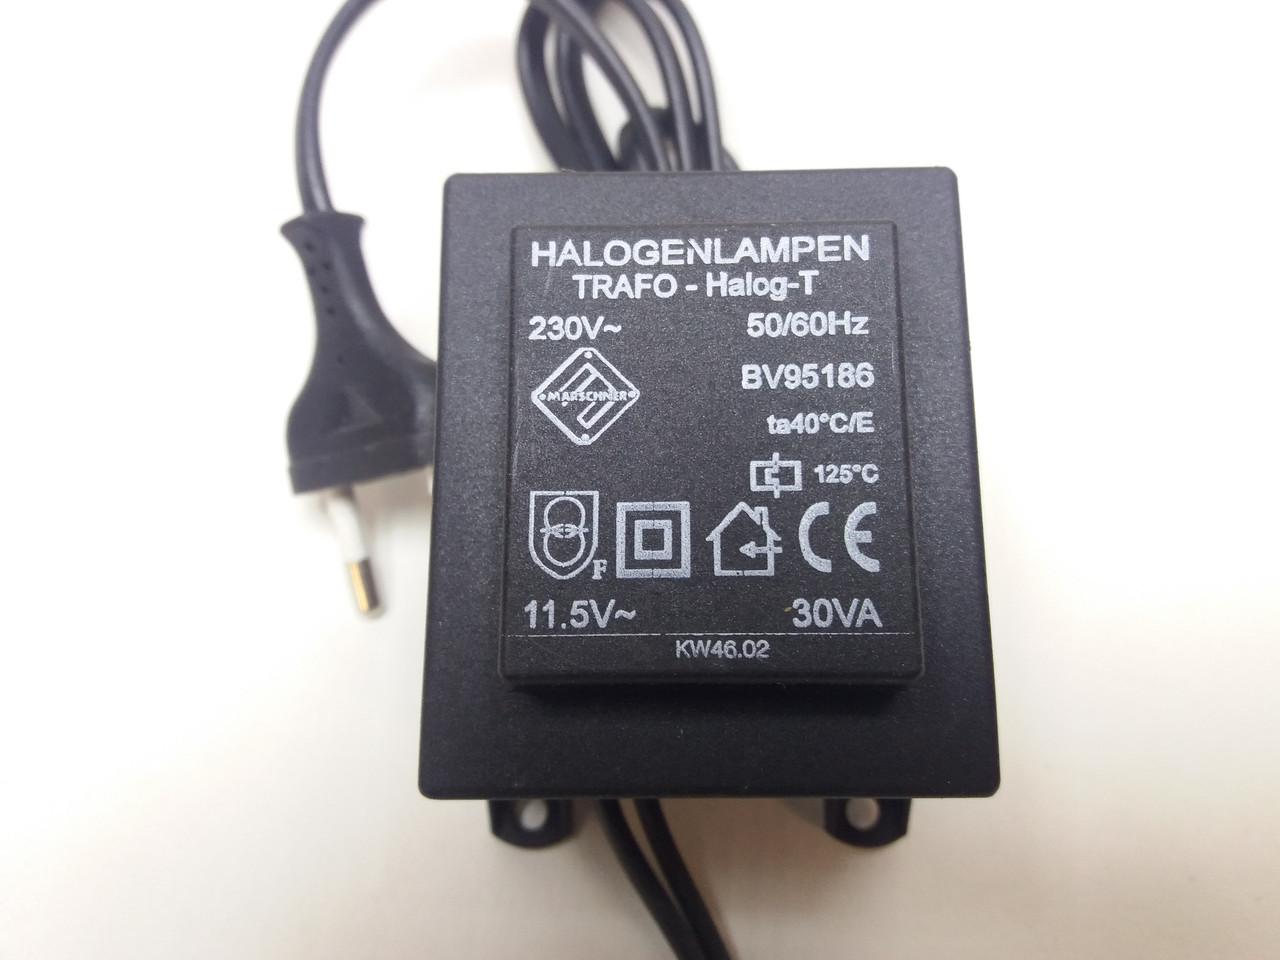 Трансформатор (блок питания) водонепроницаемый Halogenlampen Trafo